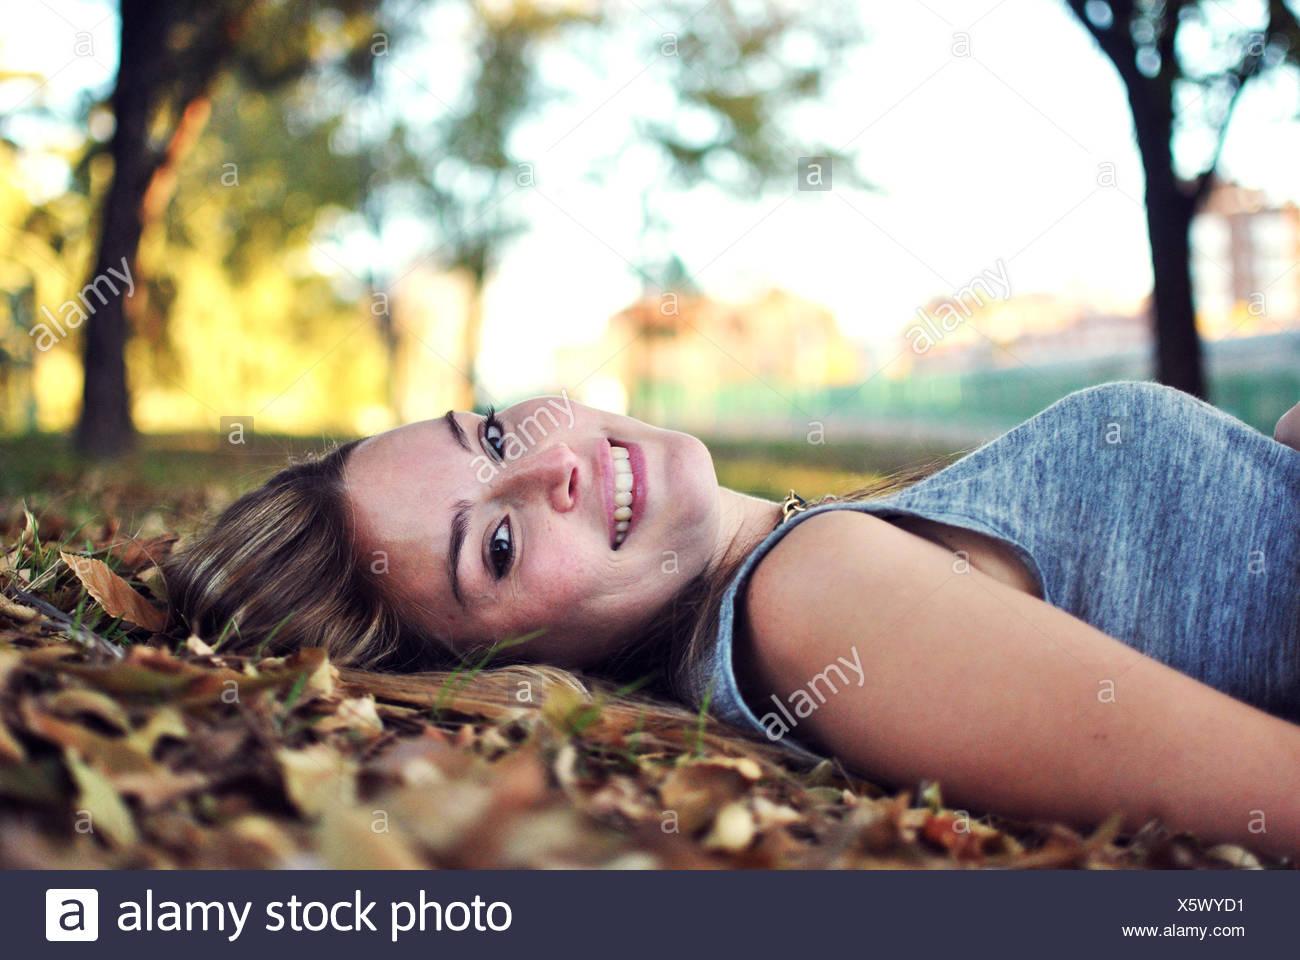 Retrato de mujer sonriente tumbado sobre hojas de otoño Foto de stock